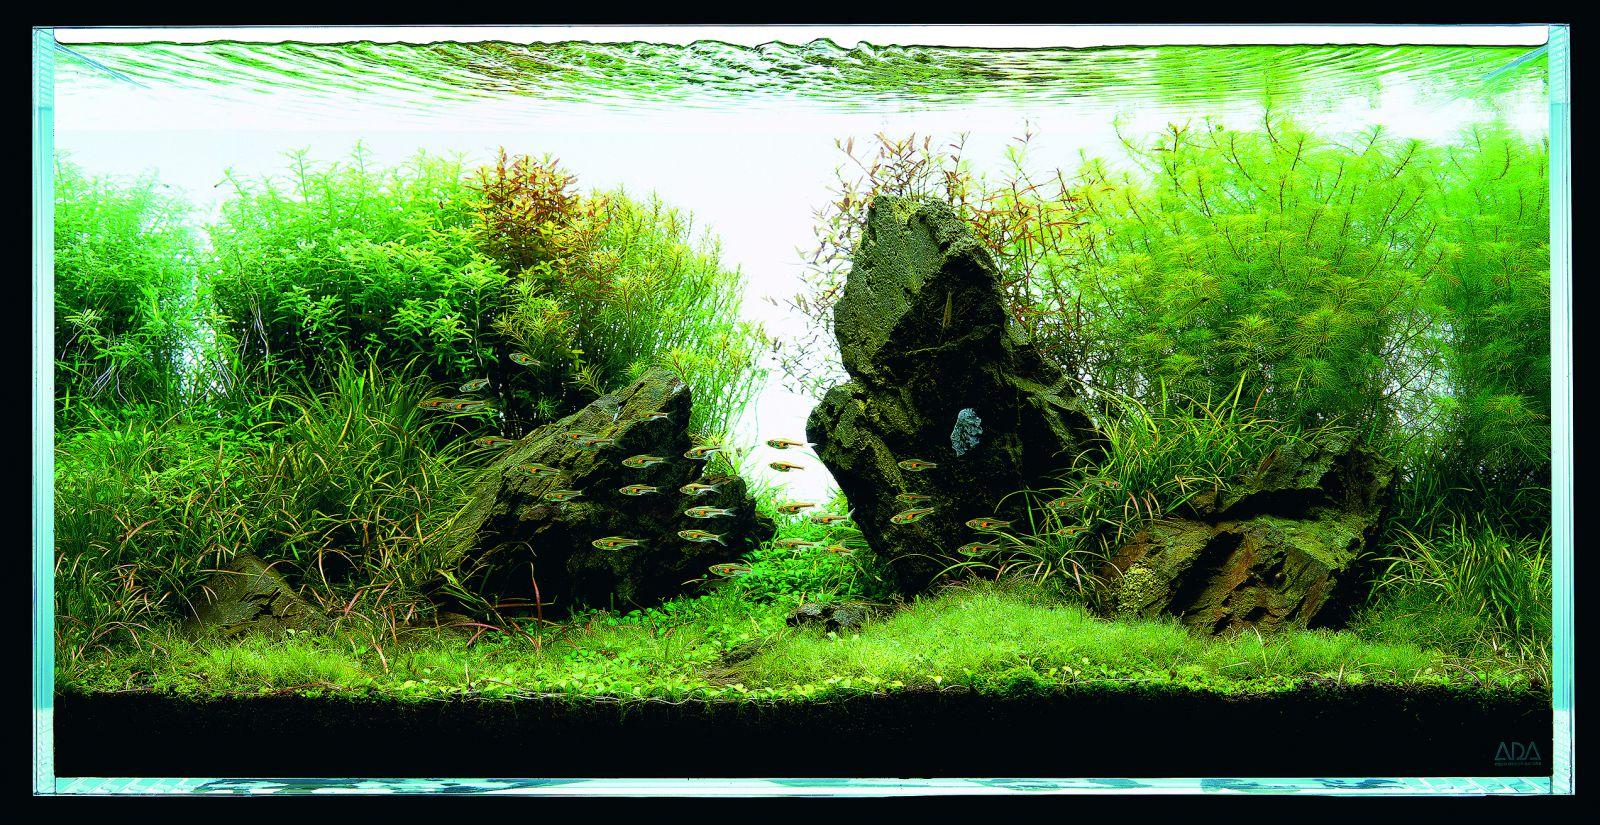 Một hồ thủy sinh có sự hiện diện của cây thanh hồ điệp